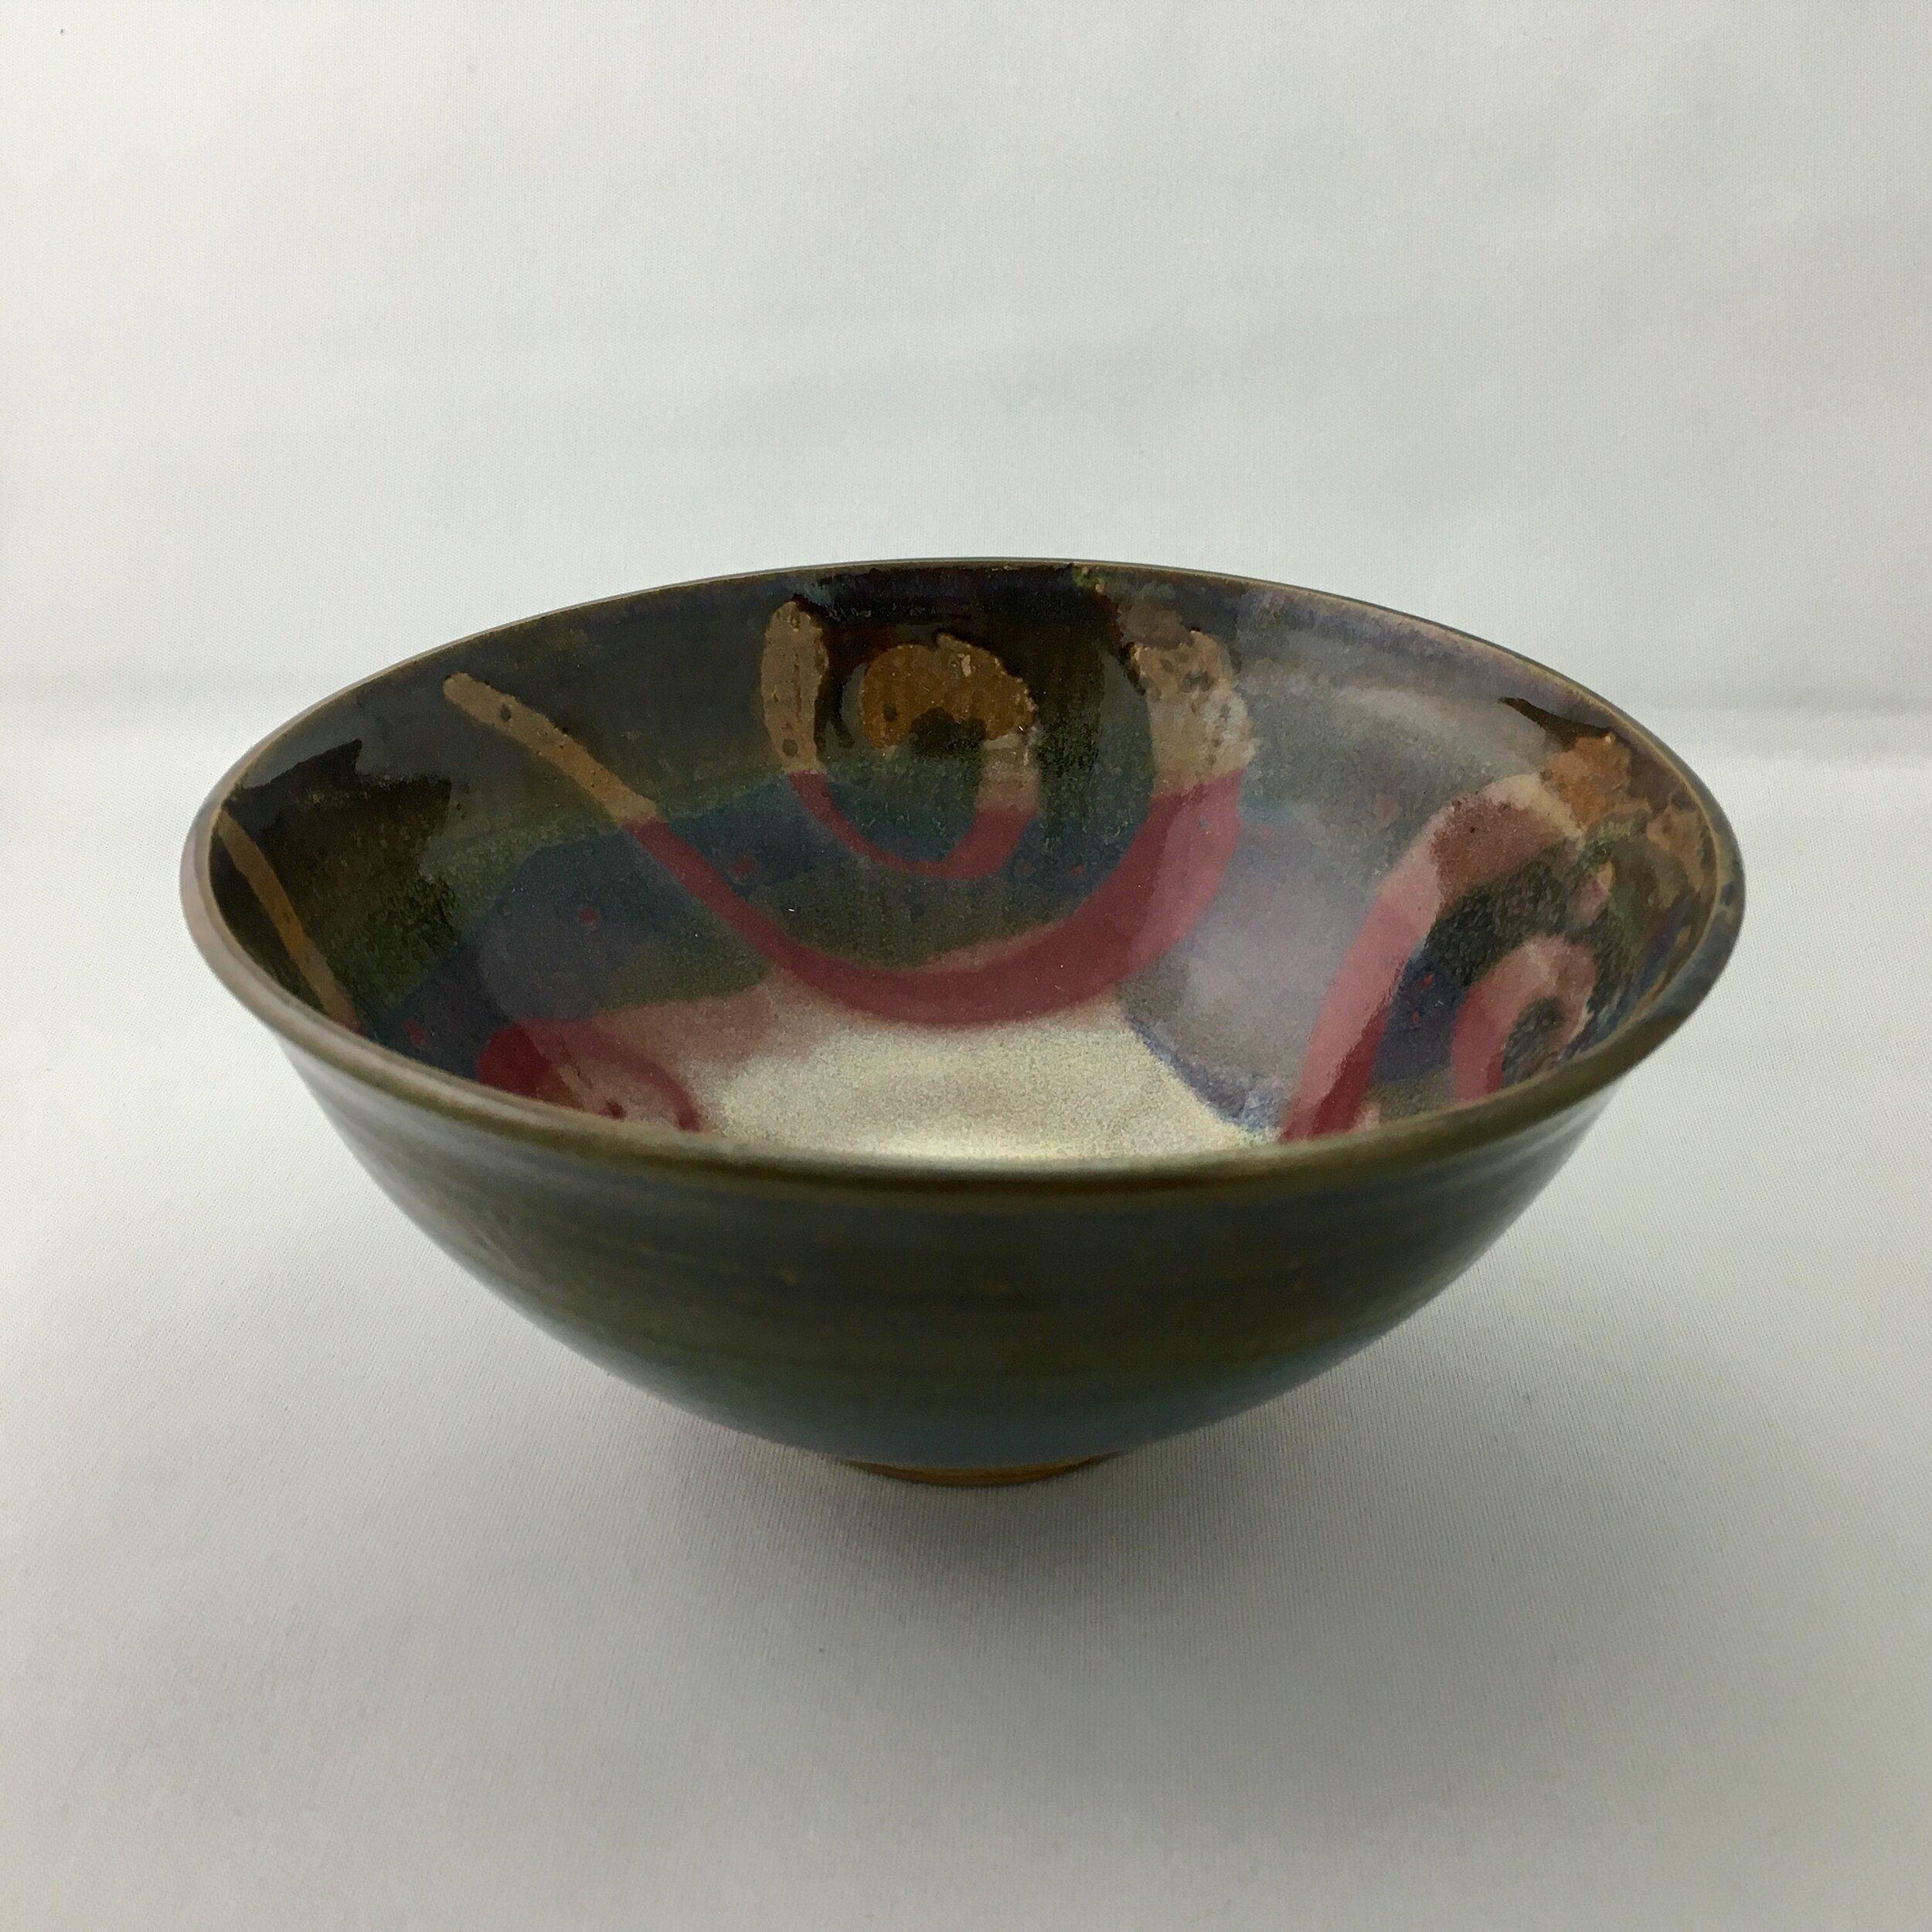 GK St bowl 1 IMG_5112.jpg